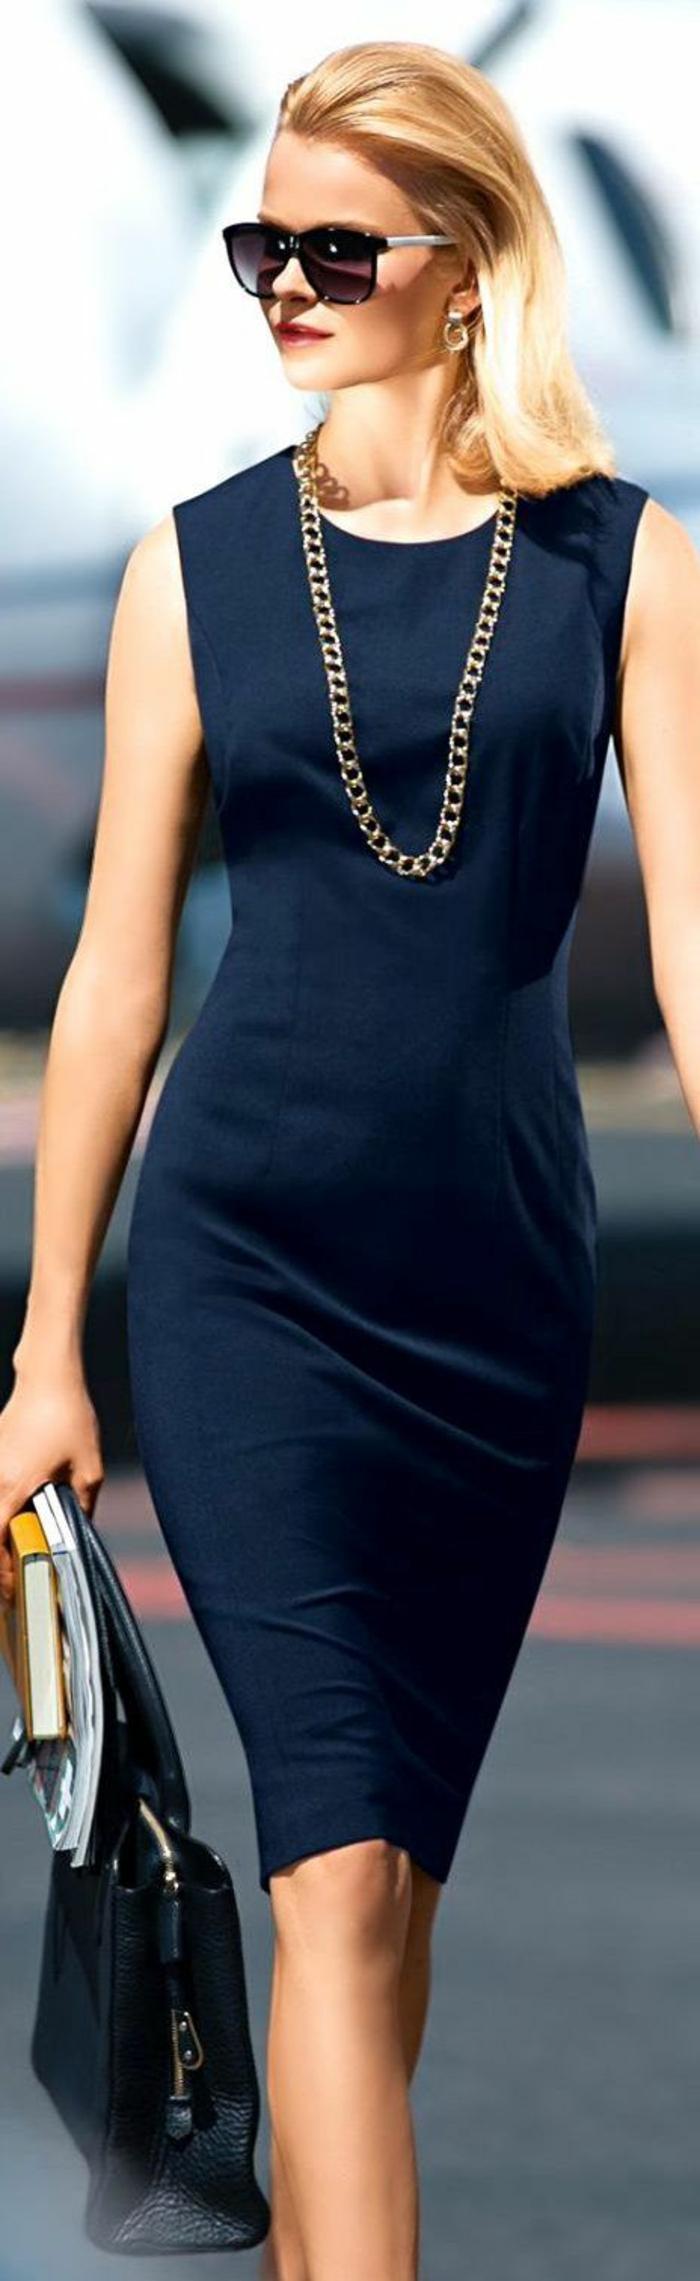 1001 id es pour une robe longue moulante comment la. Black Bedroom Furniture Sets. Home Design Ideas